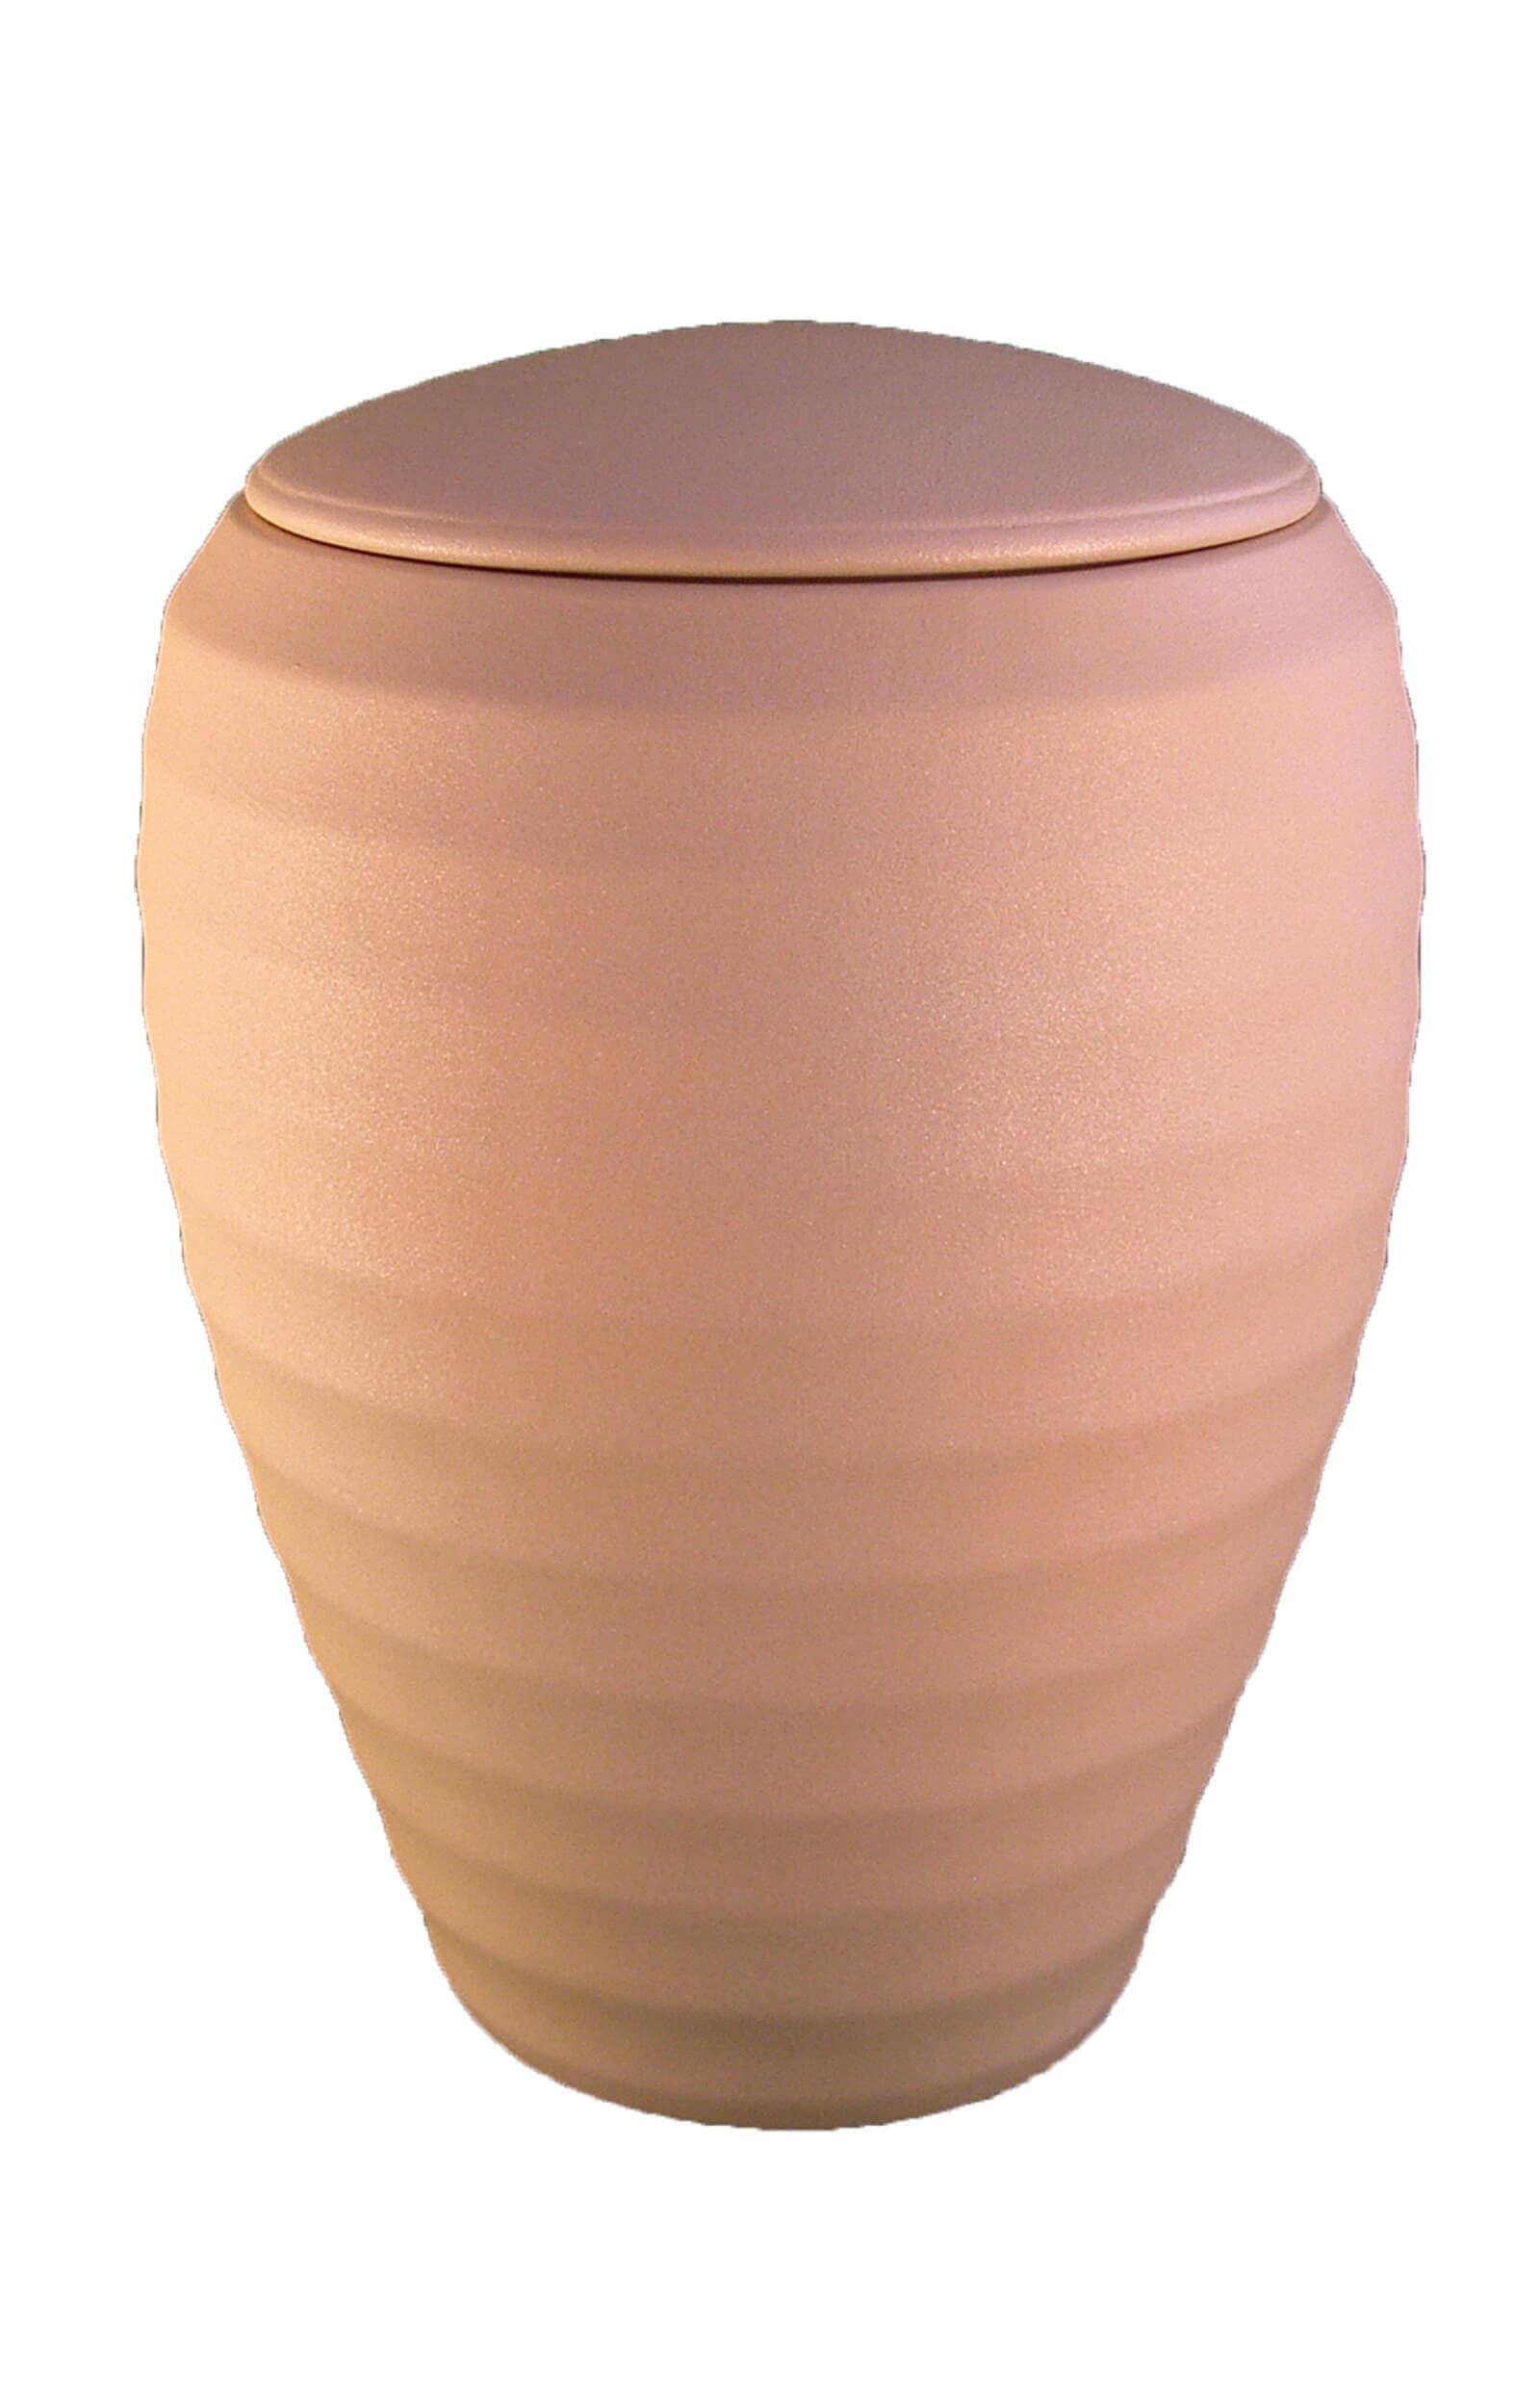 en K02 ceramic urn cream white